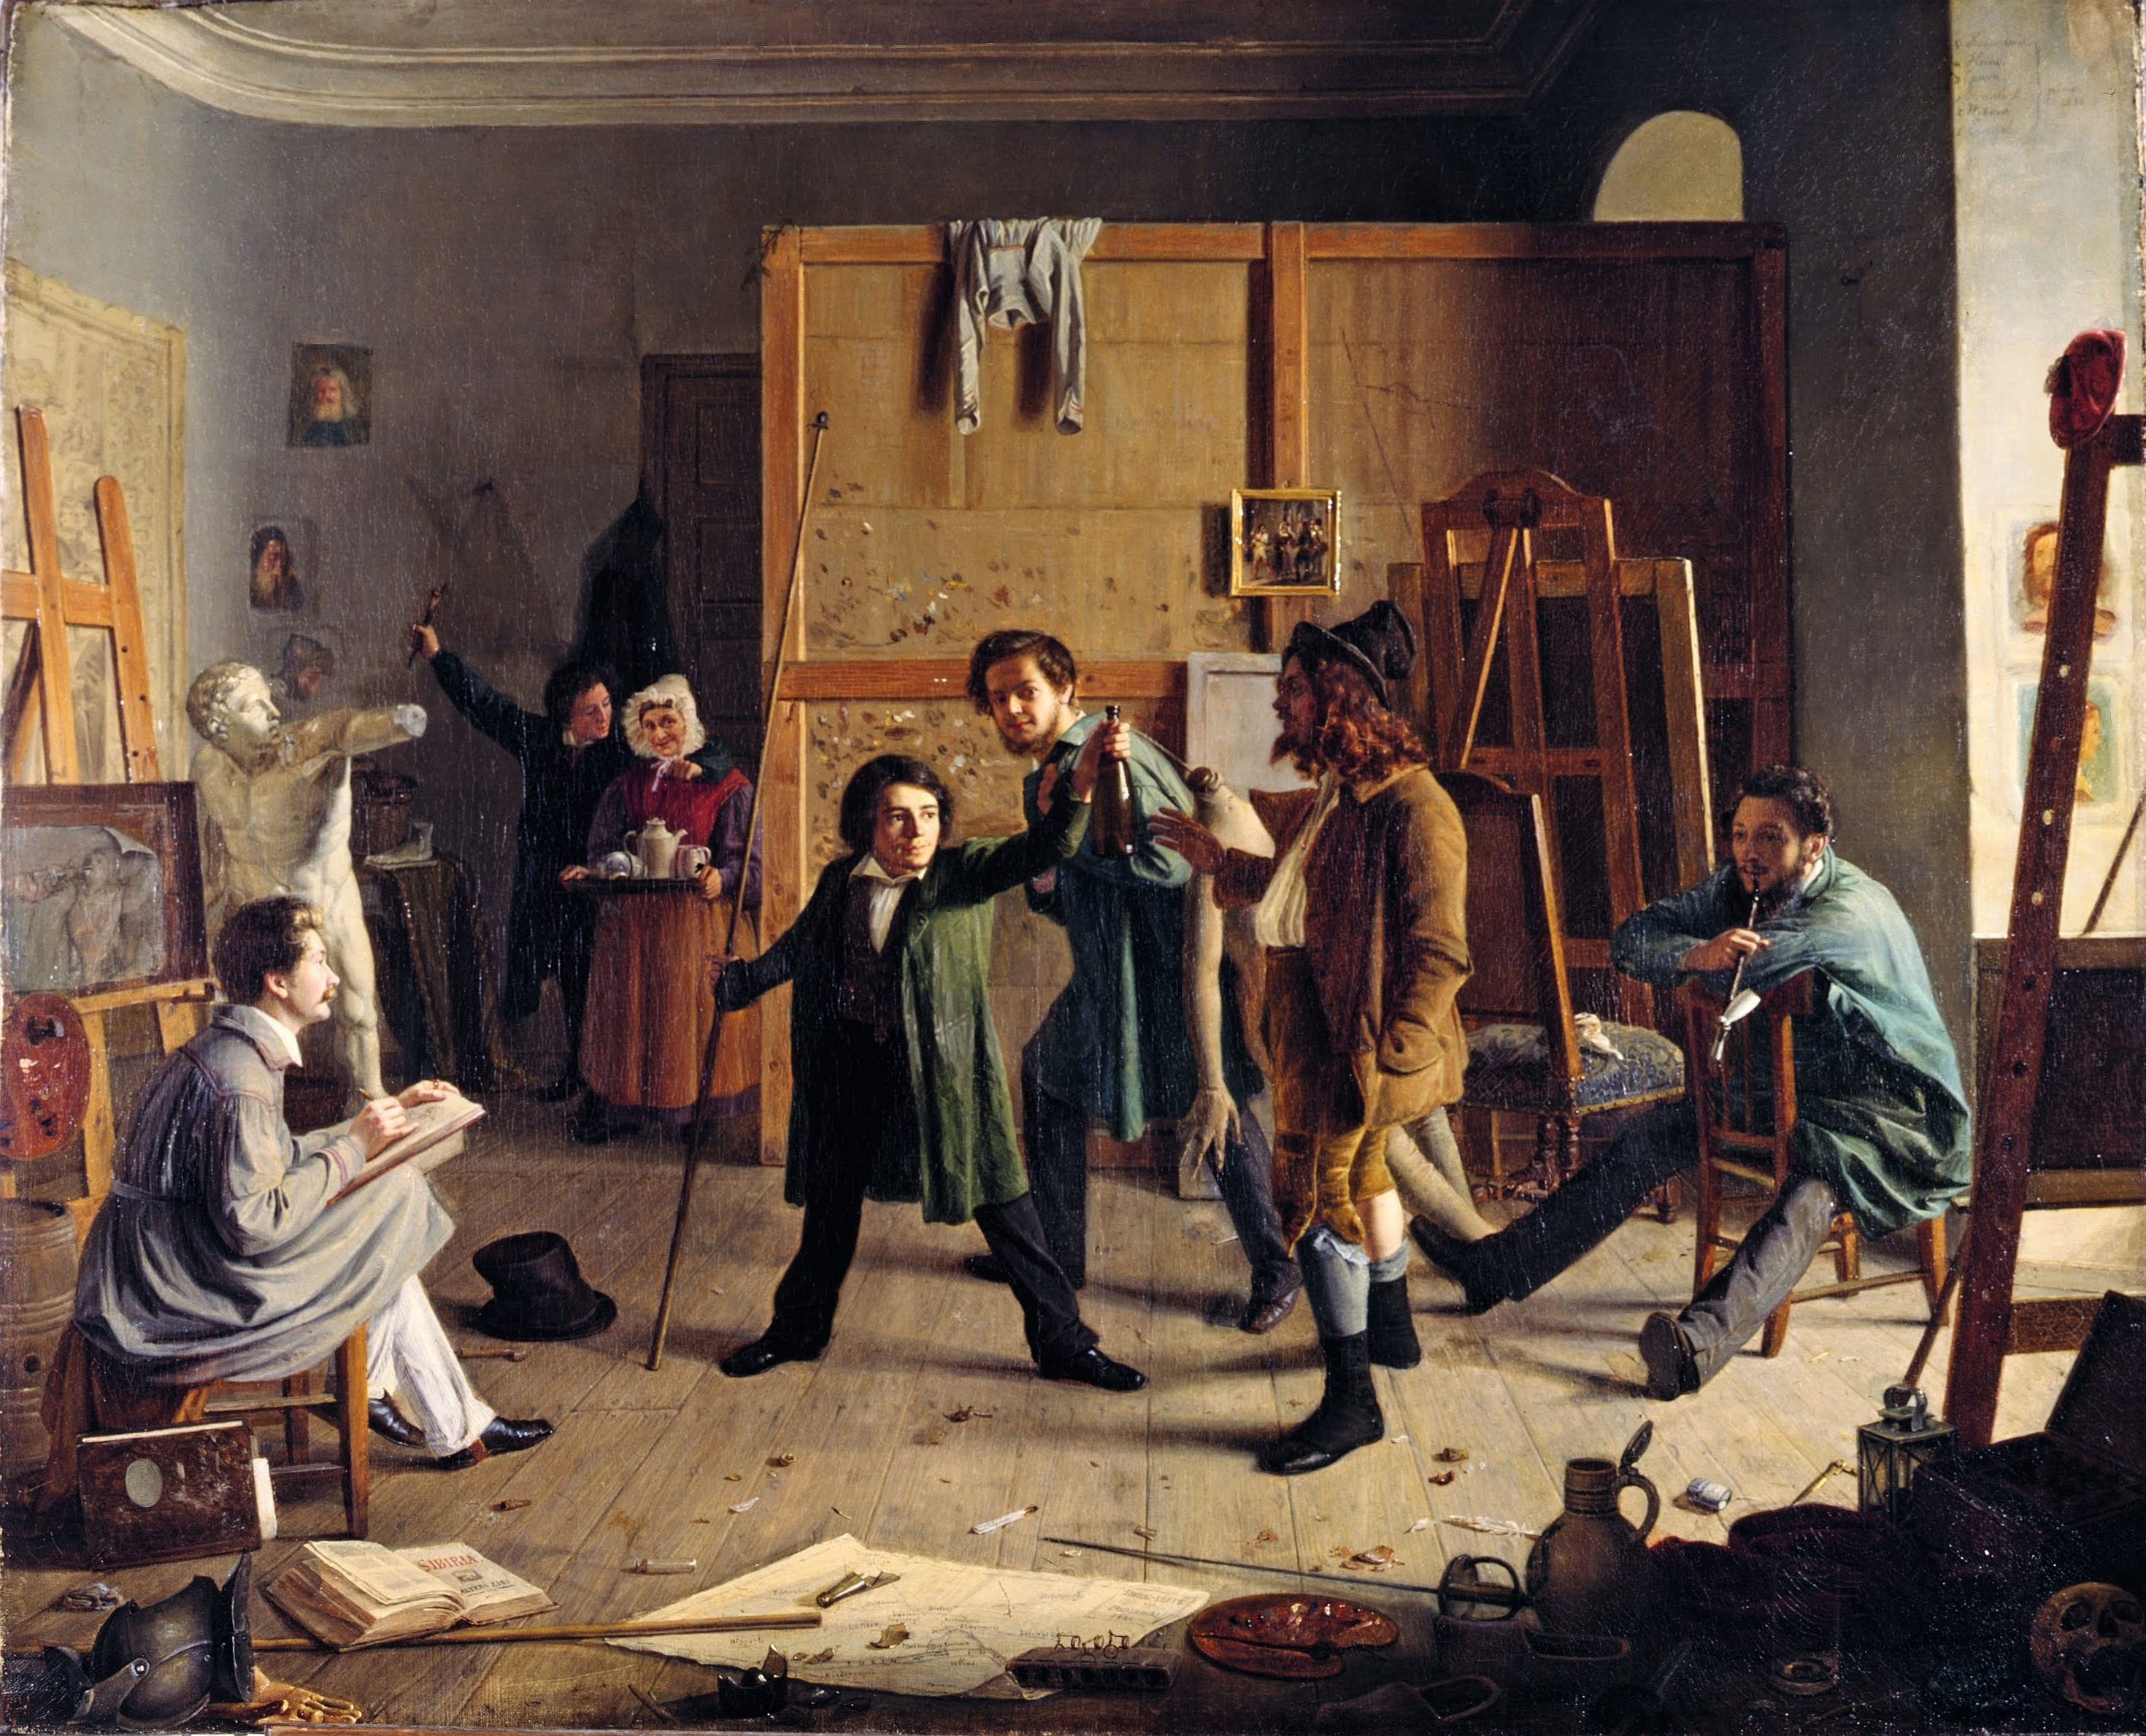 File:Johann Peter Hasenclever, Atelierszene 1836.jpg